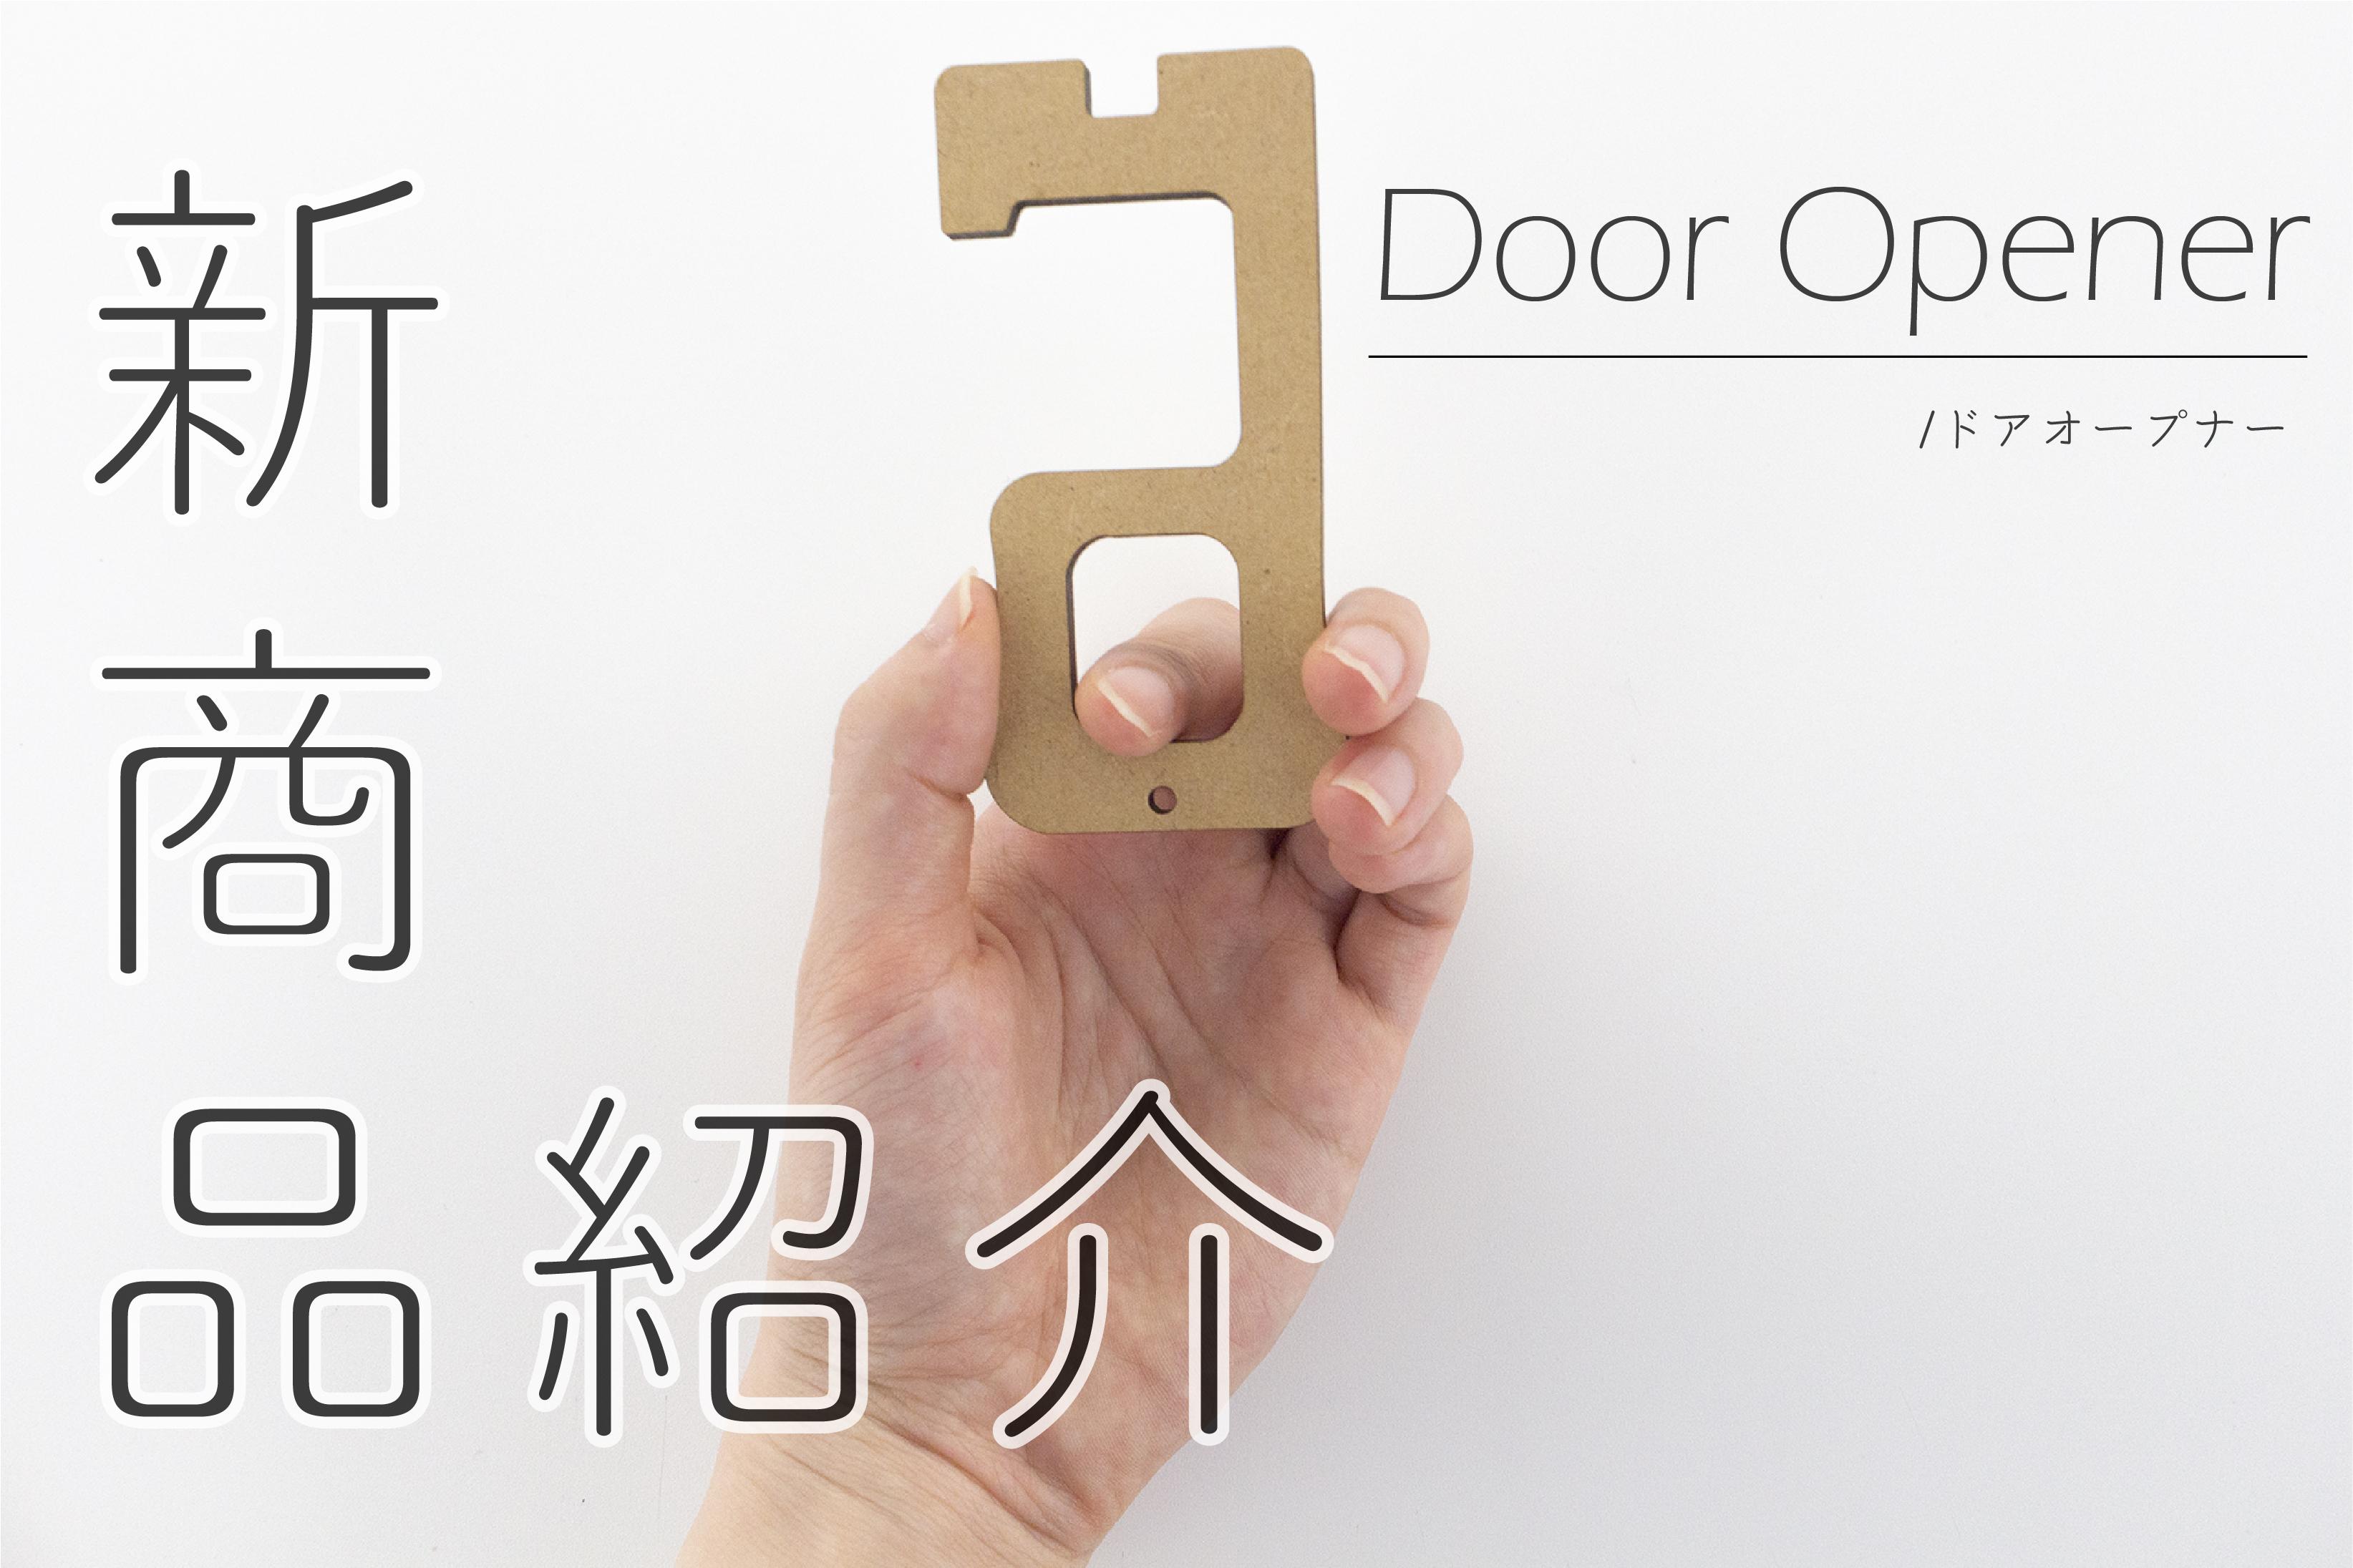 【新商品紹介】ドアオープナー発売のお知らせ!!